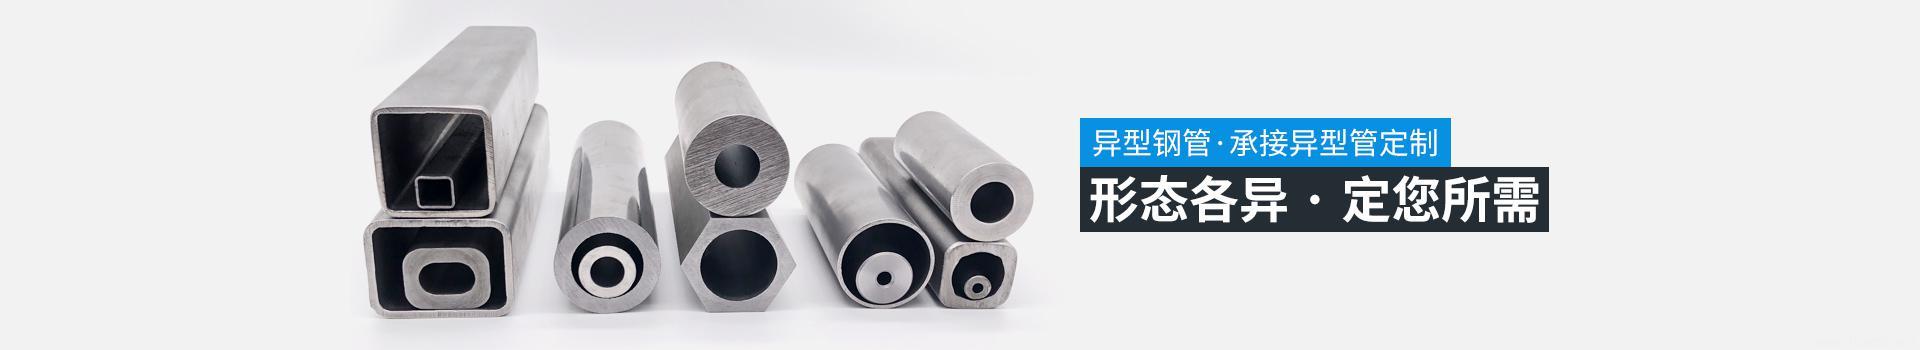 常州钢管企业_名录_江苏省常州市钢管厂名单_排名不分先后.jpg